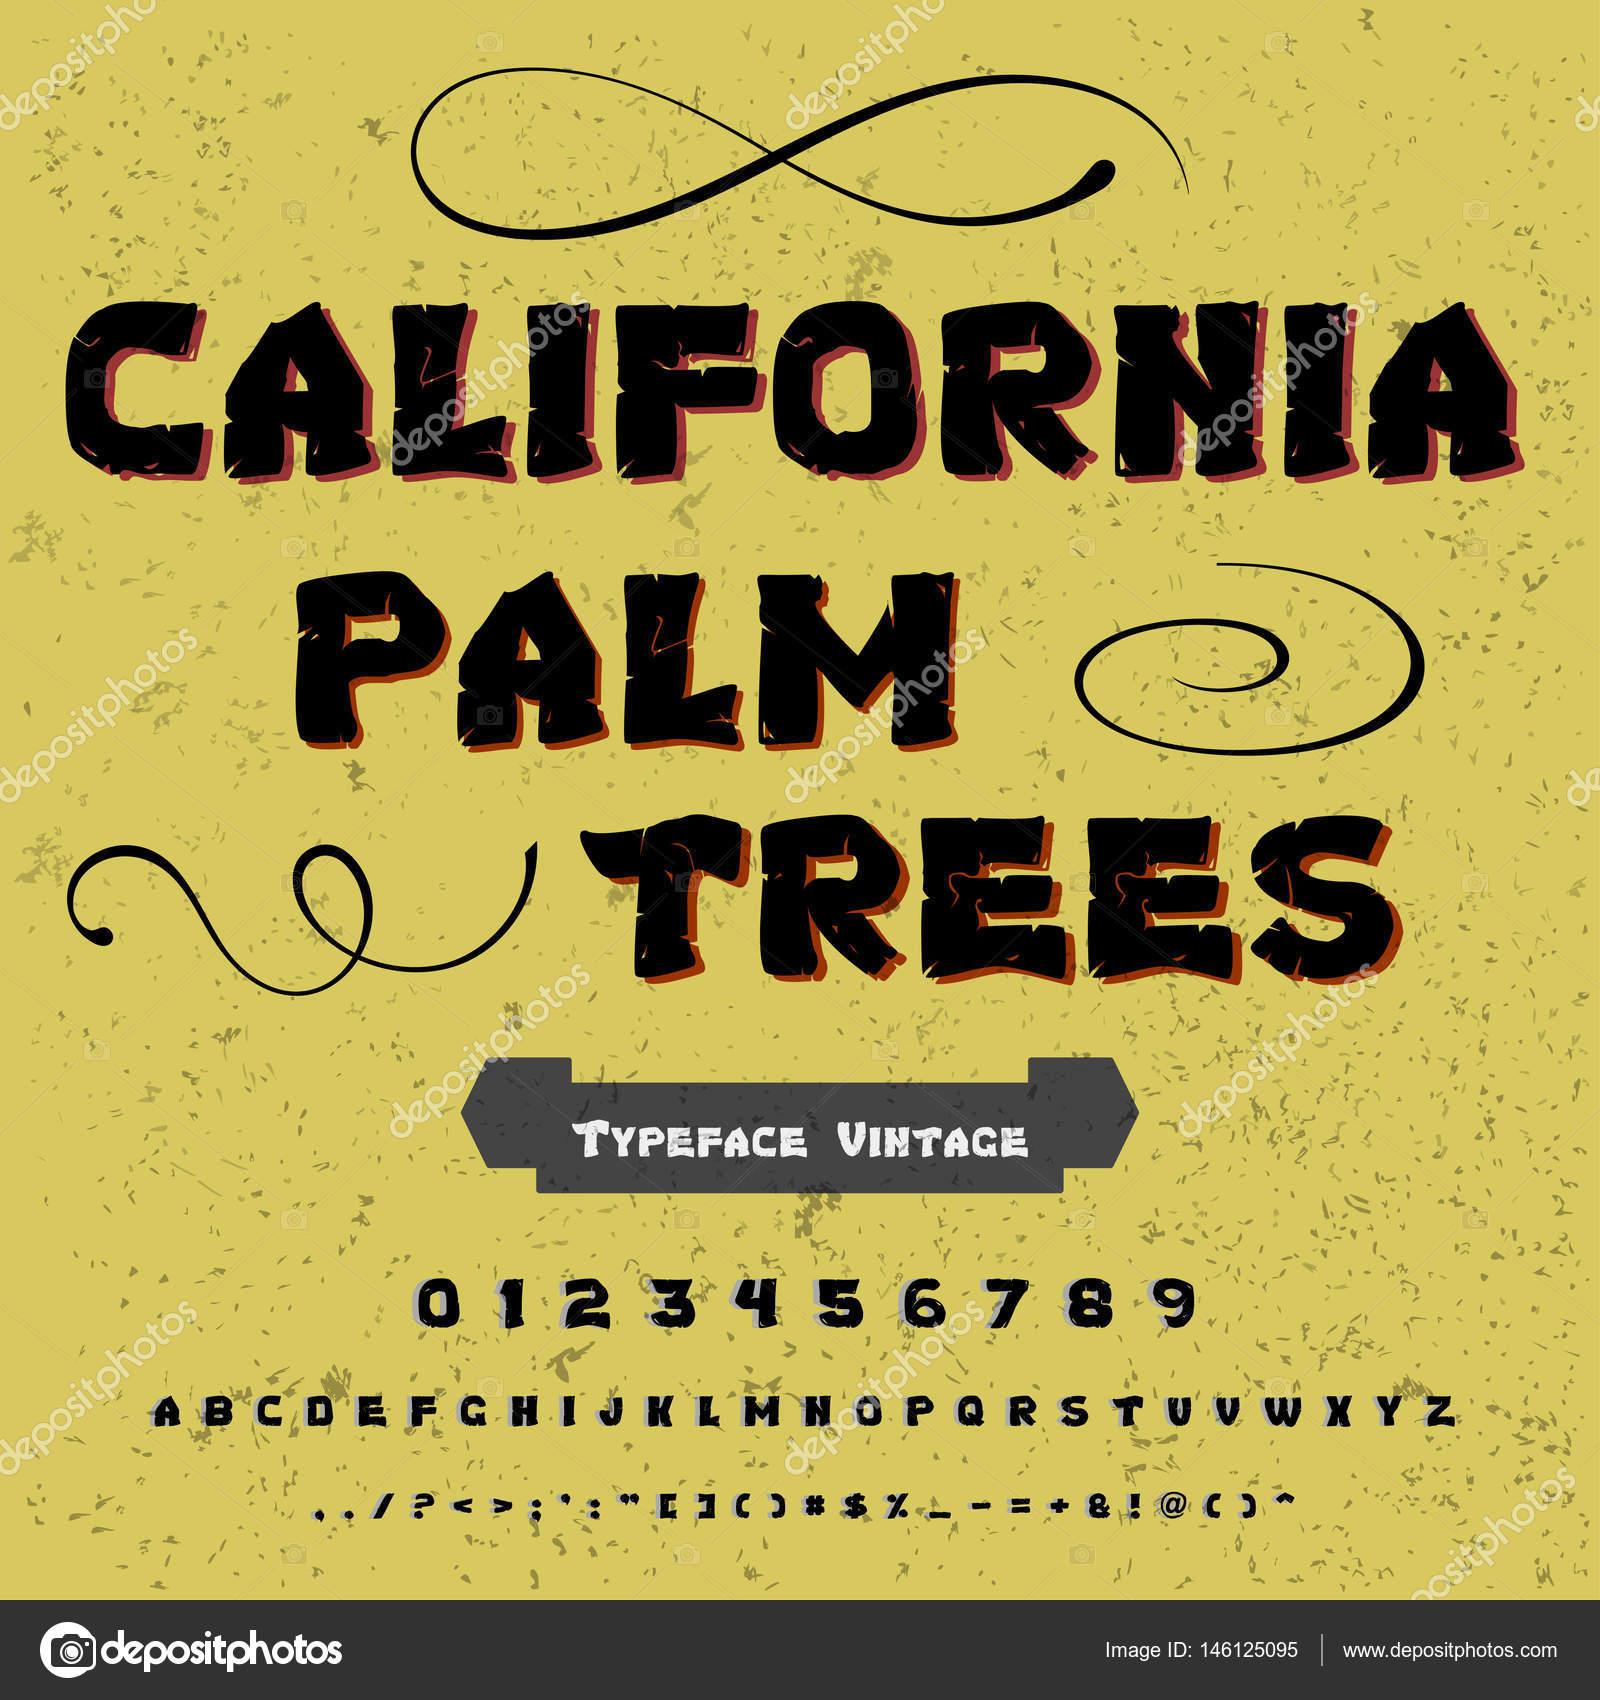 Font Script Typeface vintage california palm trees- script